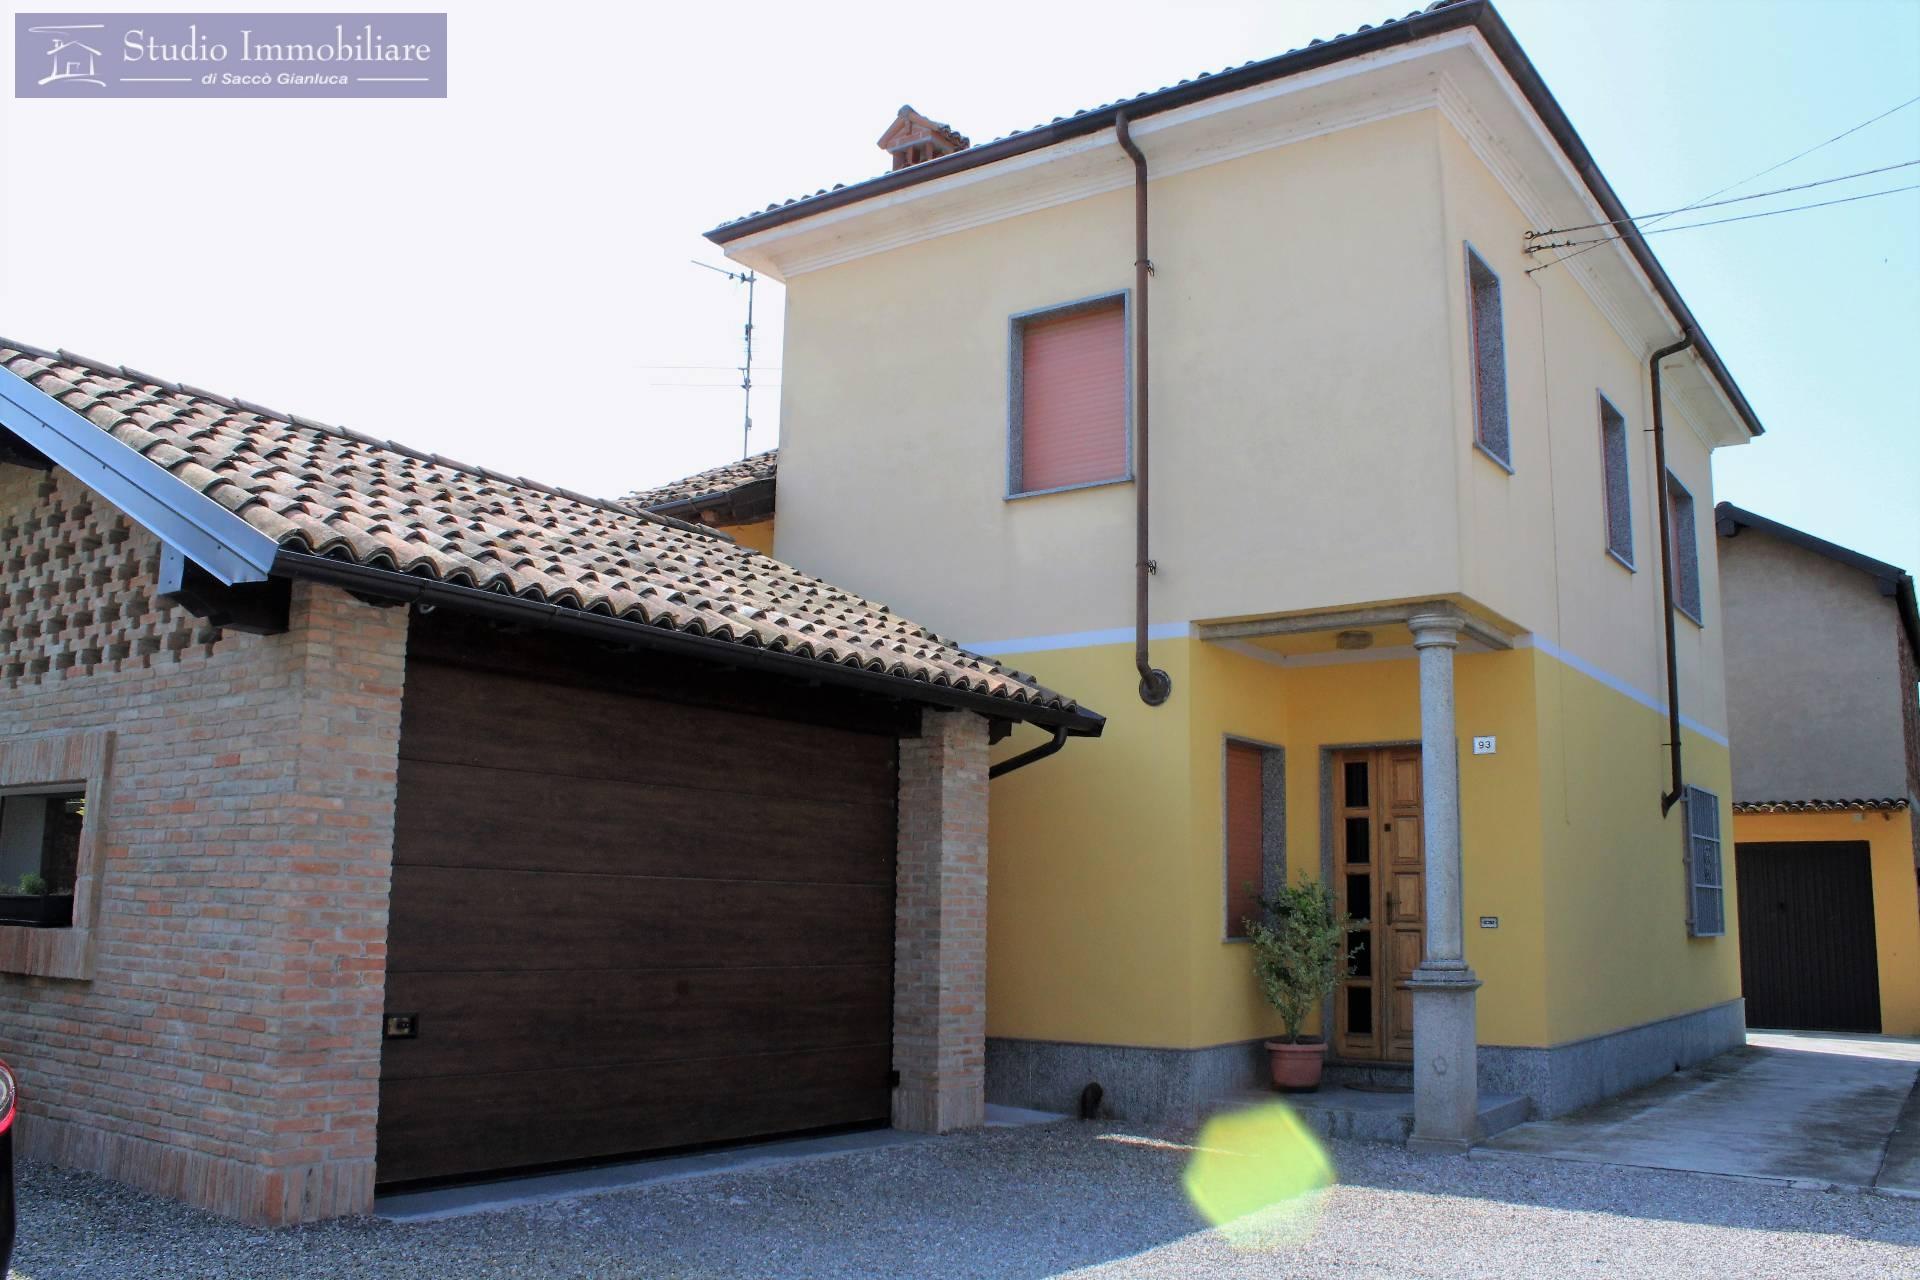 Soluzione Indipendente in vendita a Bressana Bottarone, 3 locali, prezzo € 140.000   CambioCasa.it